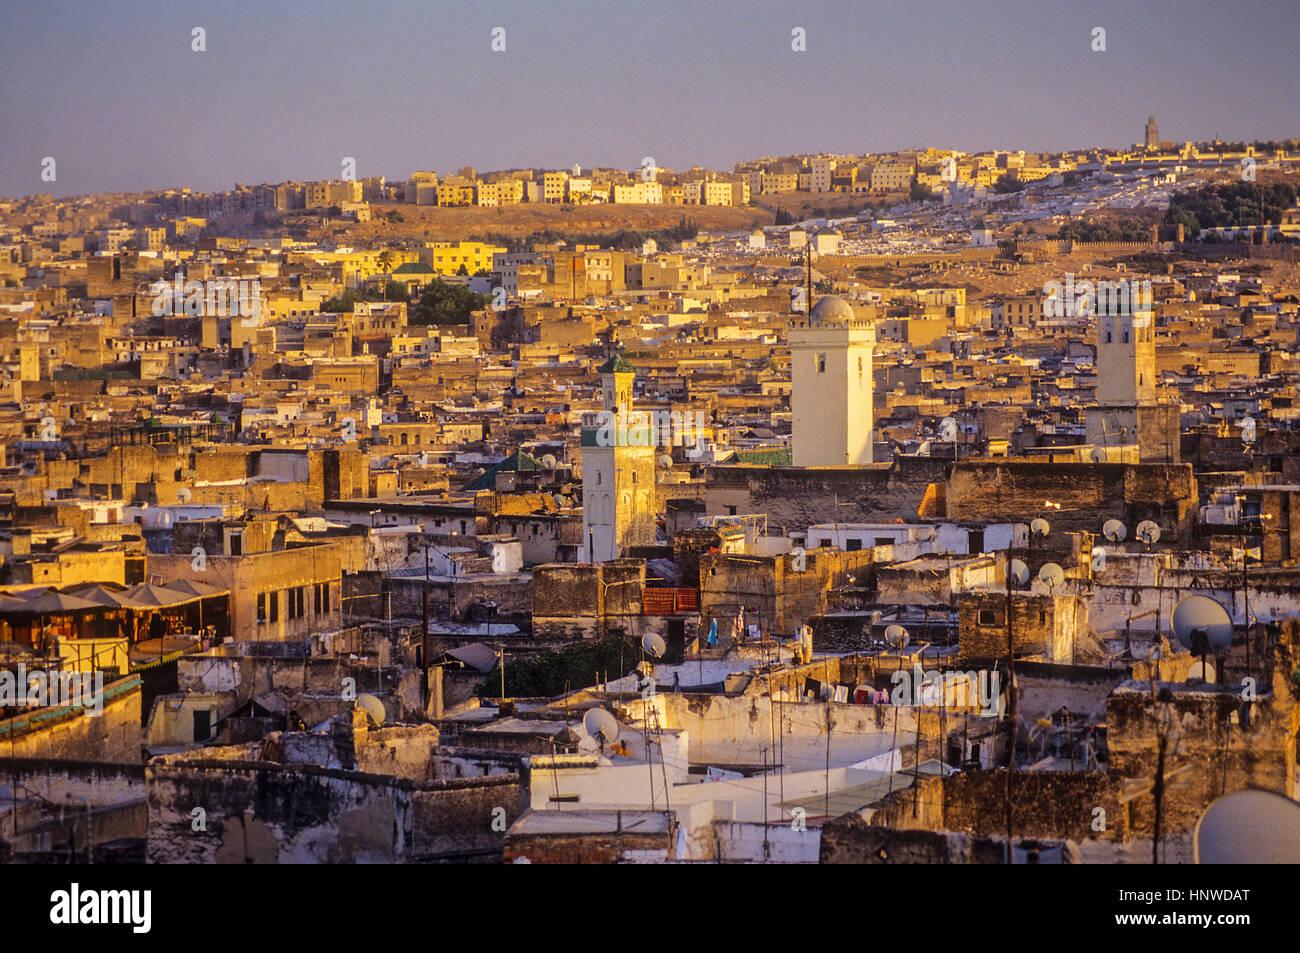 Tramonto, skyline. Vista sulla Medina, sito Patrimonio Mondiale dell'UNESCO, Fez, in Marocco, Africa. Immagini Stock